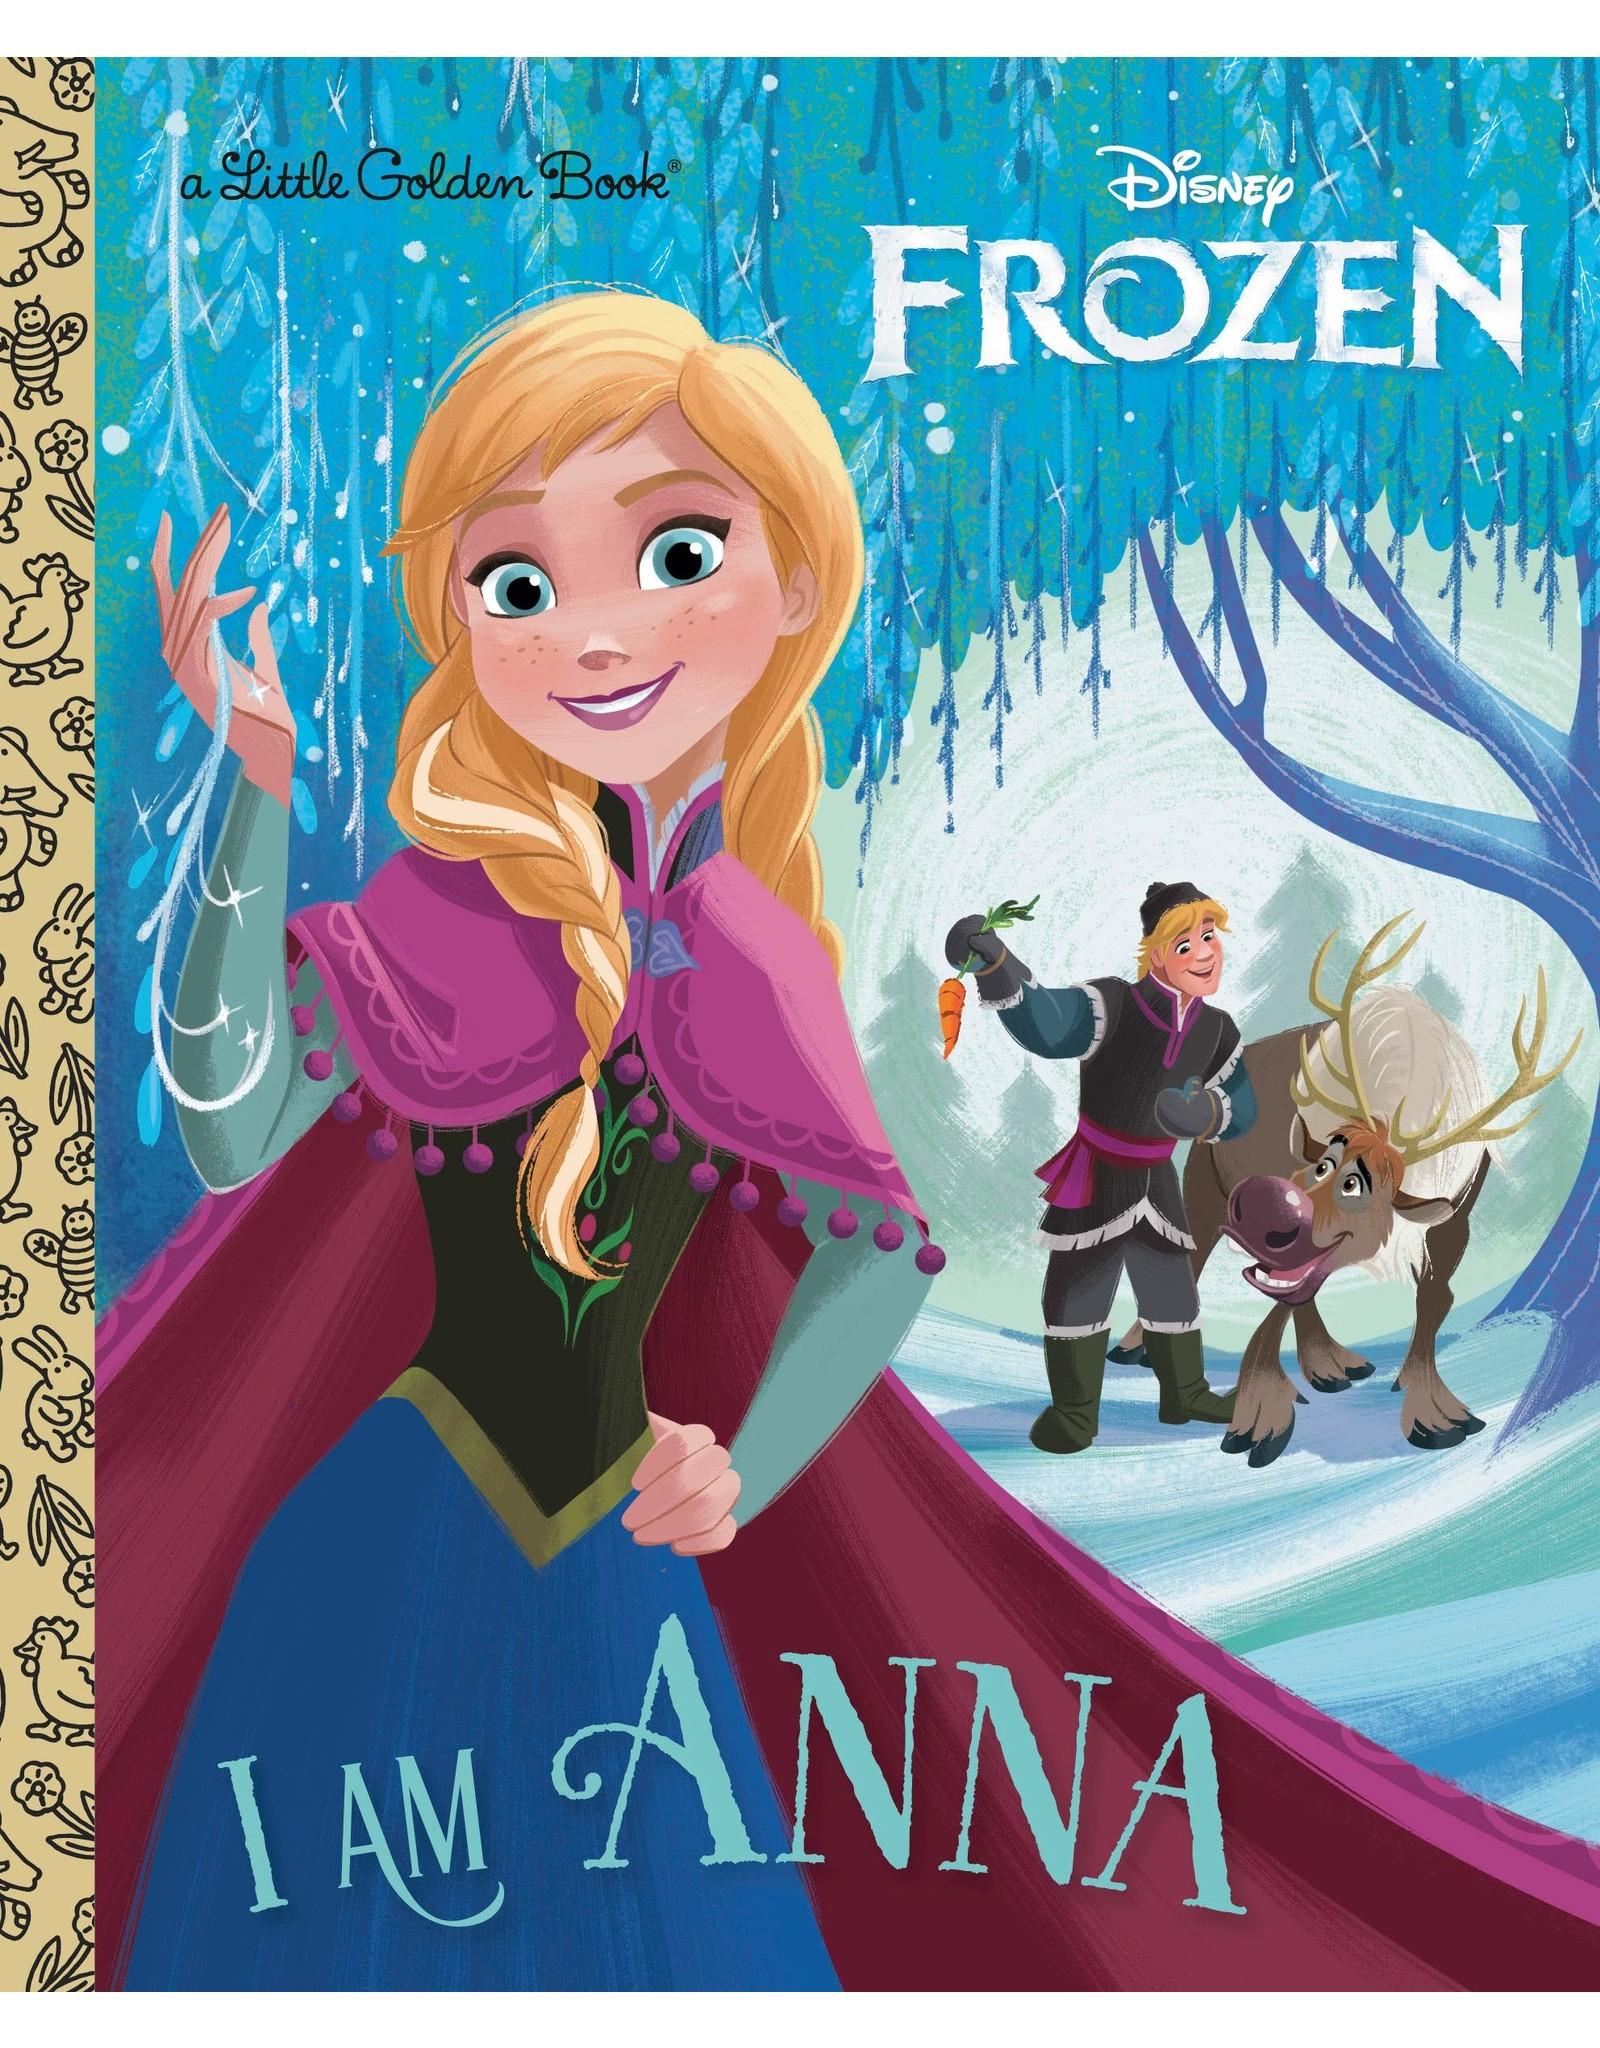 GOLDEN BOOKS I AM ANNA LITTLE GOLDEN BOOK HC